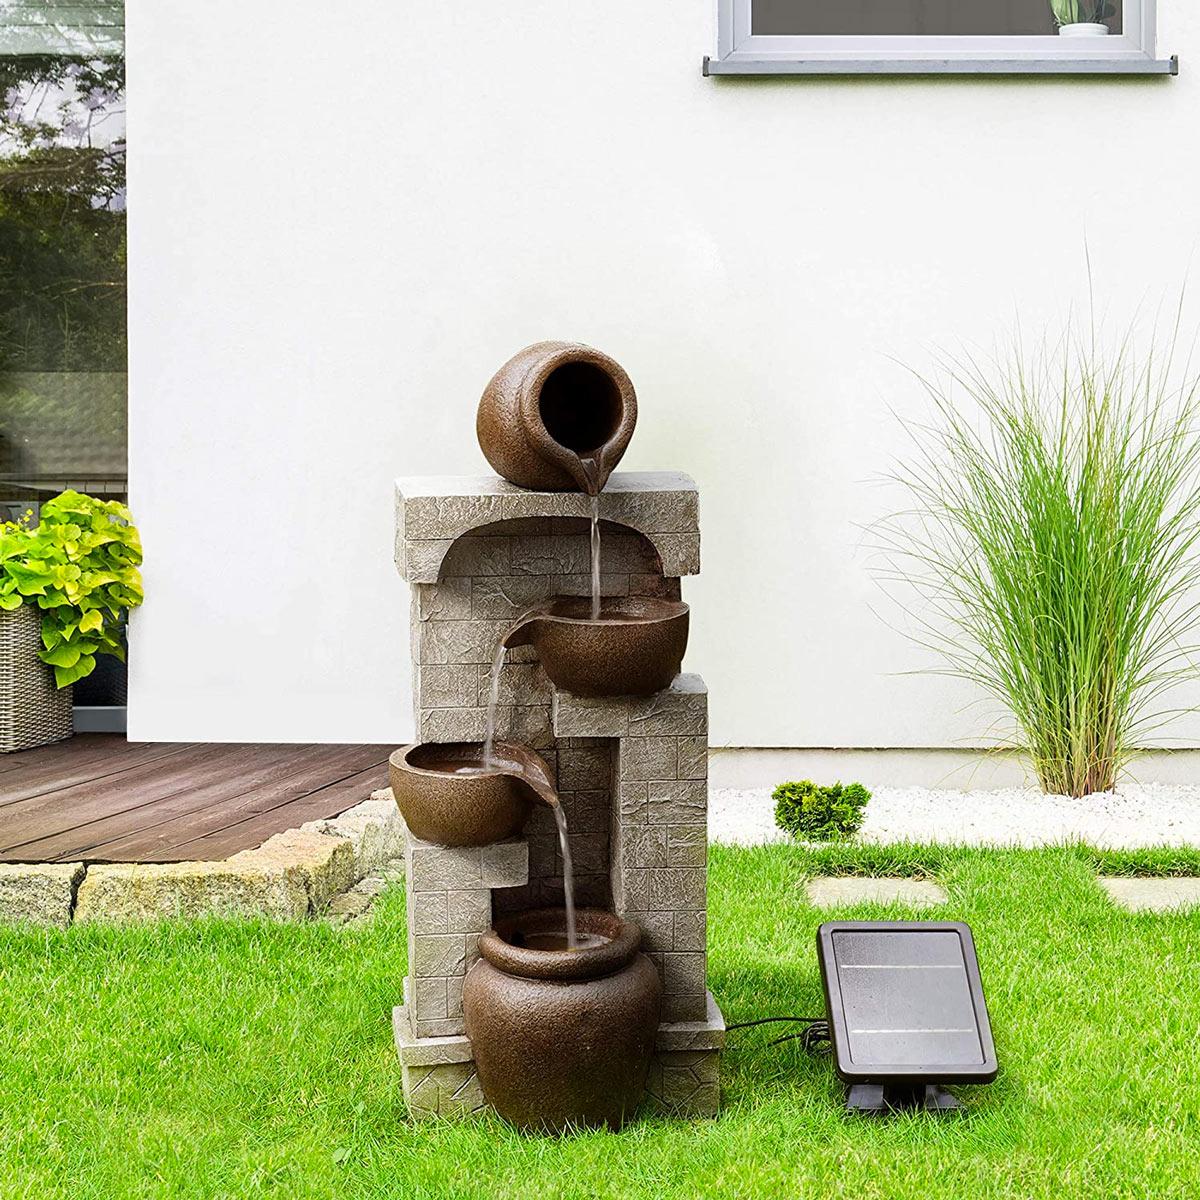 fontaine en pierre pour embellir le jardin